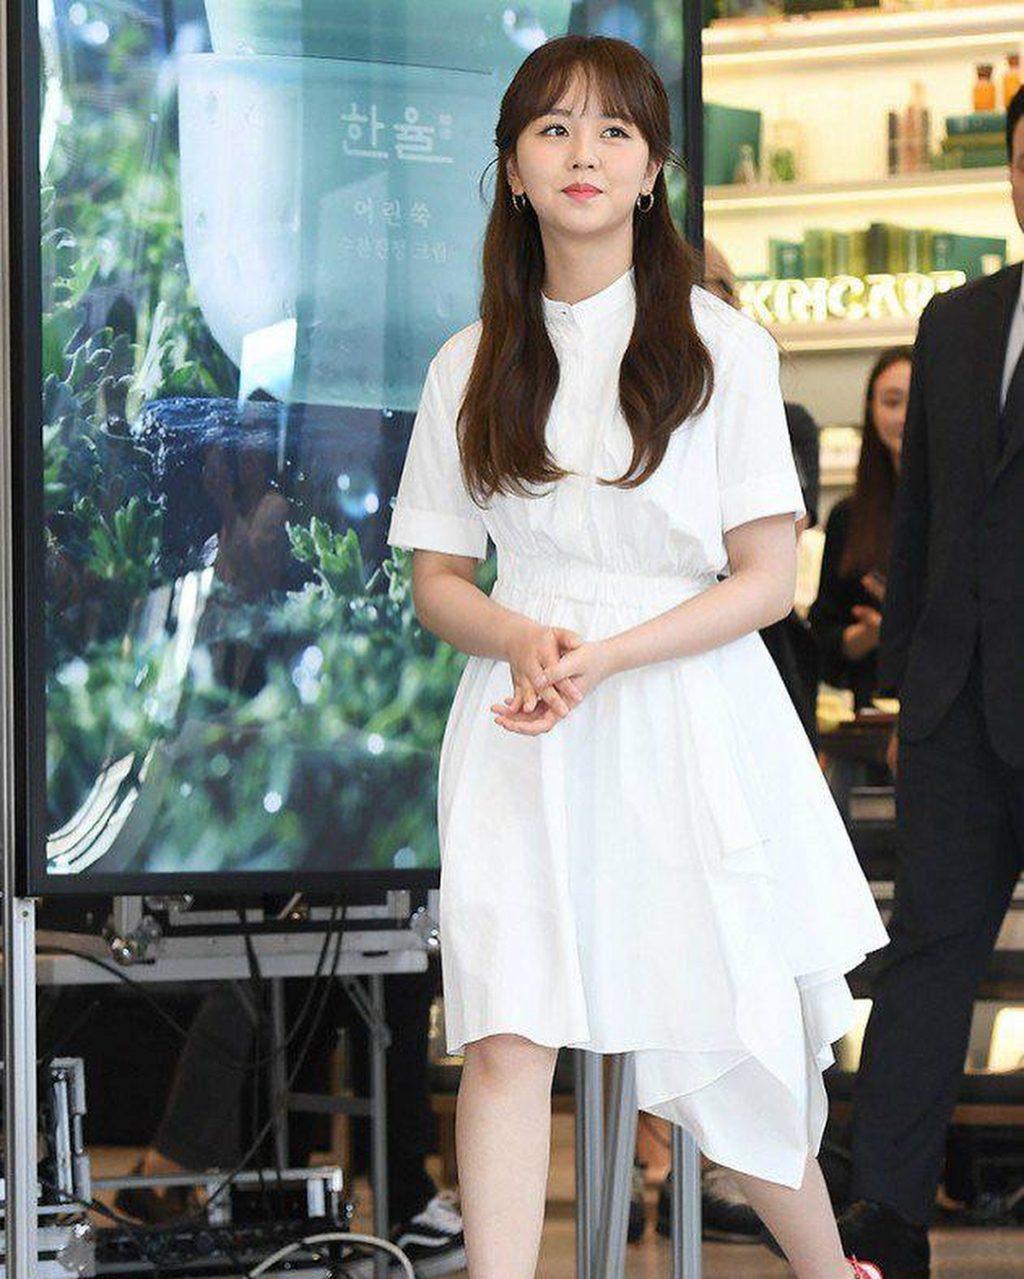 phong cách thời trang của Kim So Hyun 5